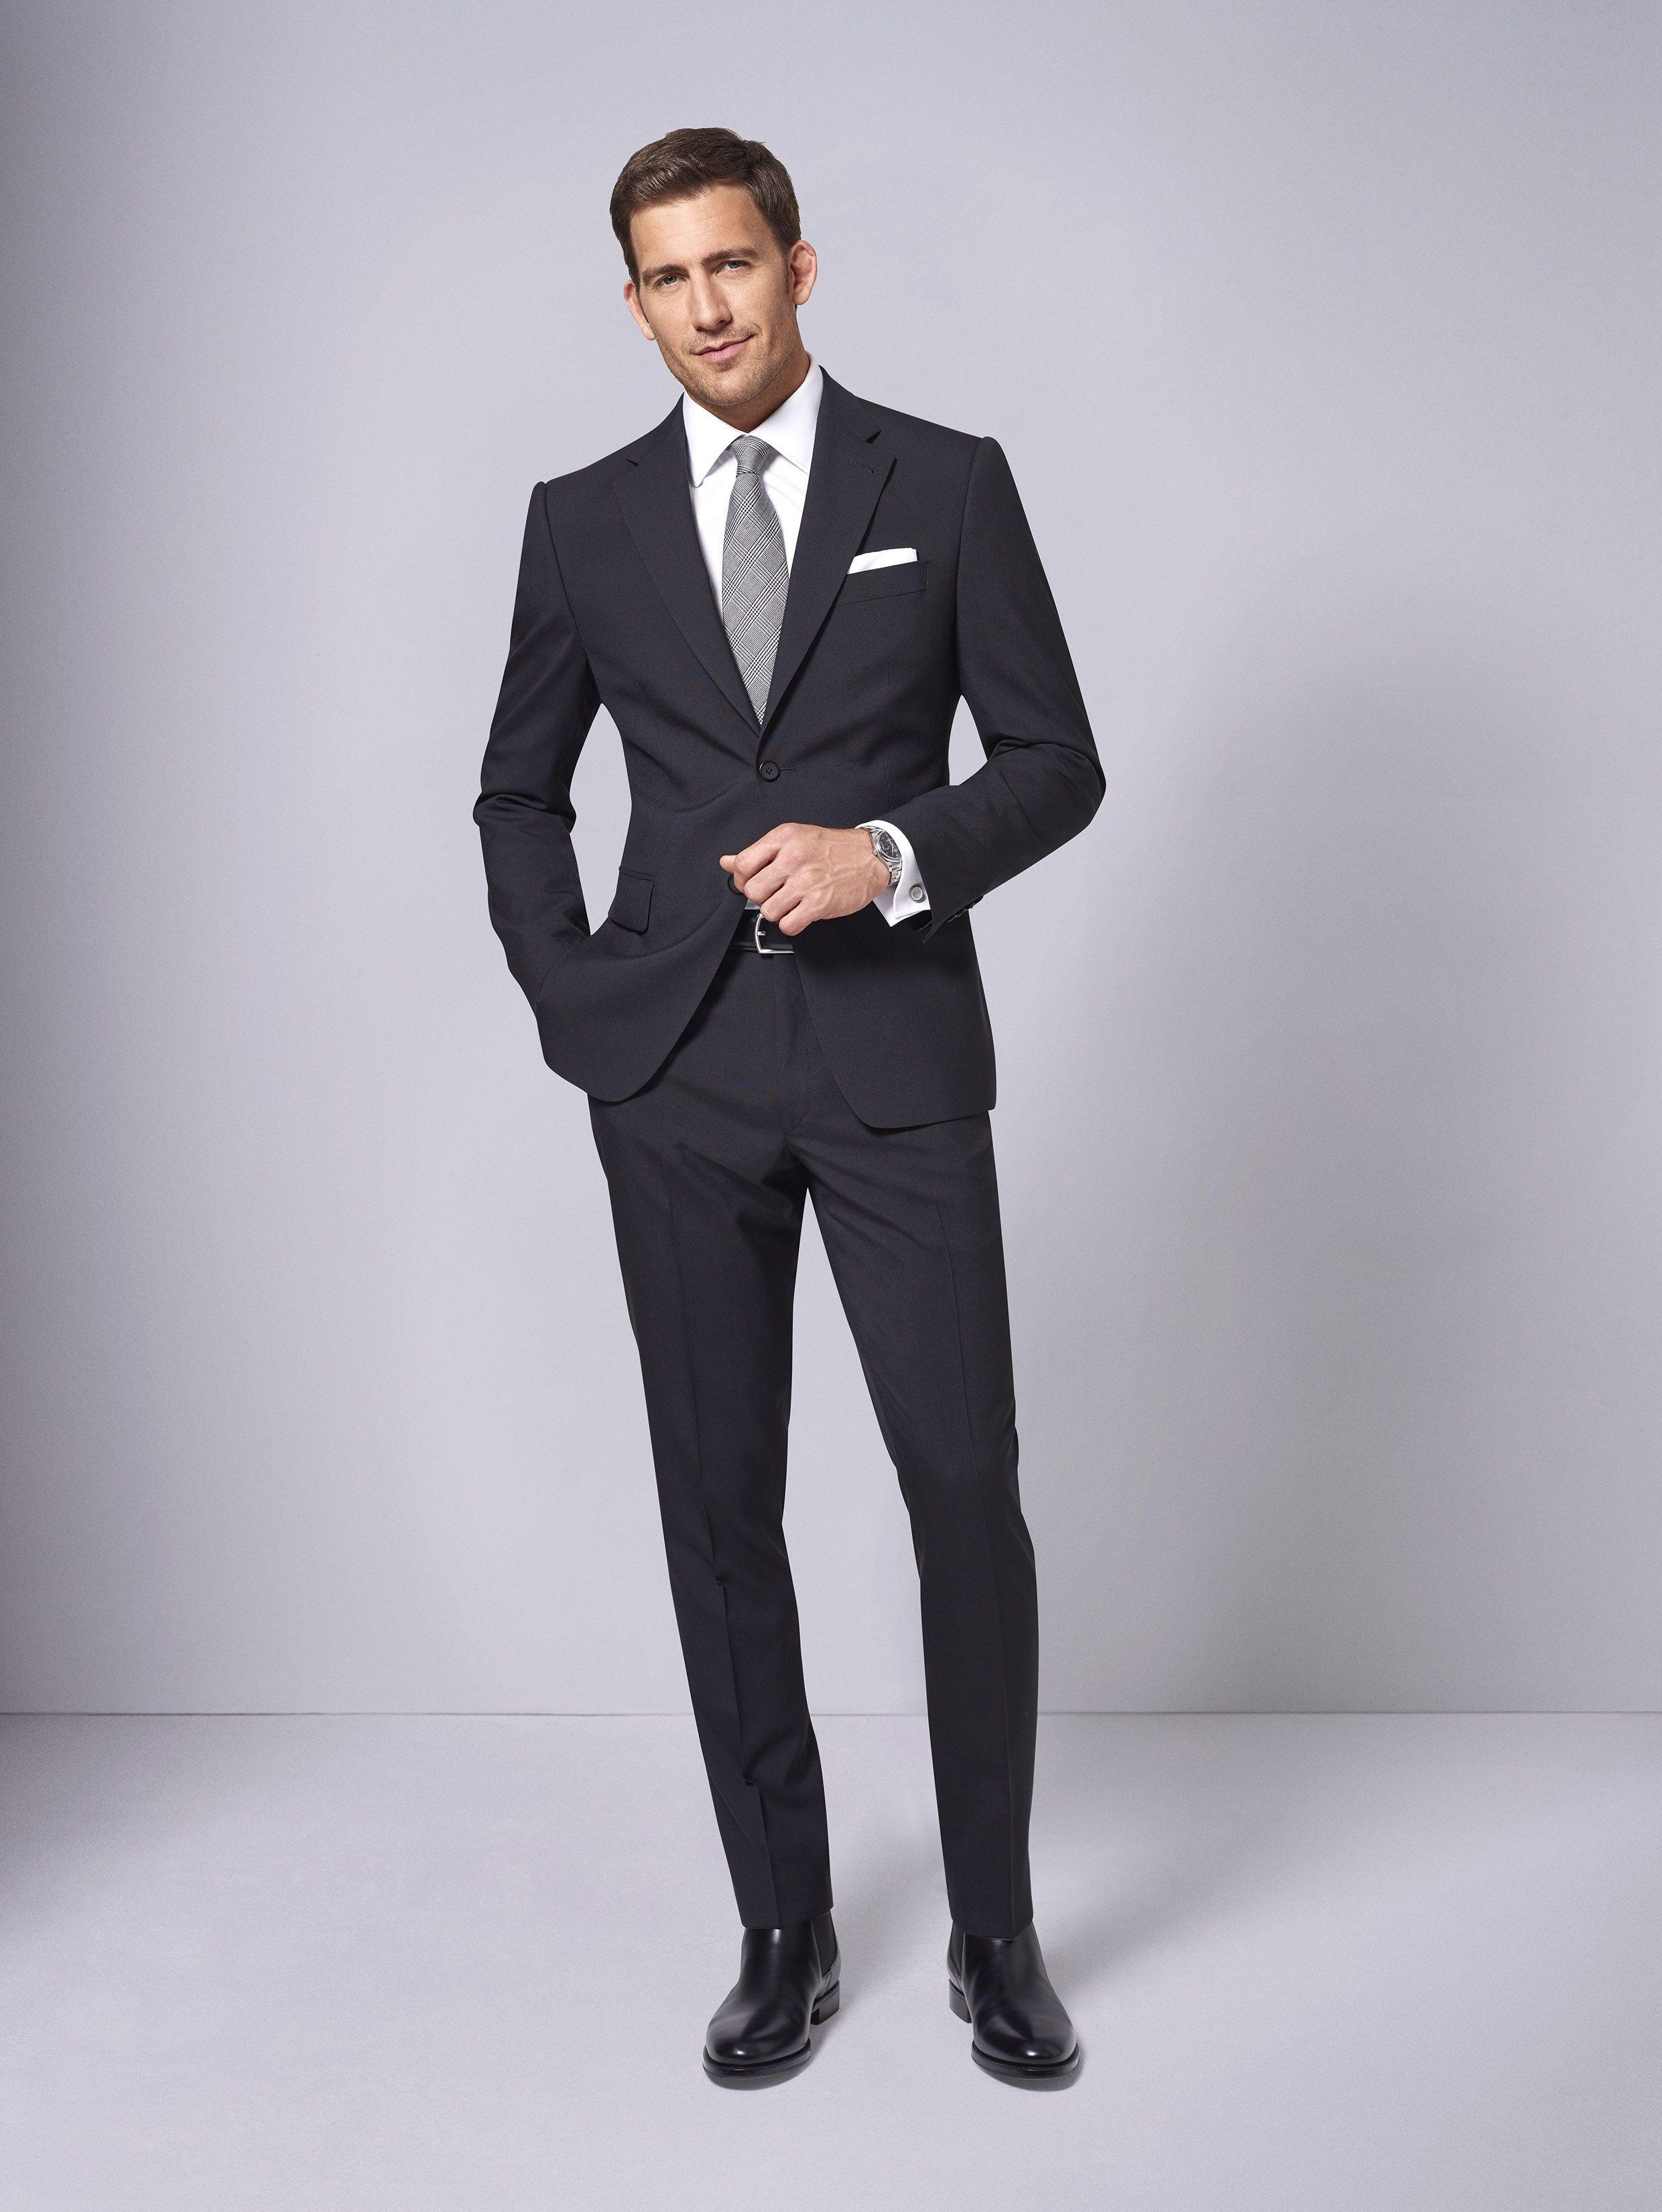 61 how to wear black suit for men work outfit ���������� �������� mens  best suits for men, cool suits, men\u0027s business outfits, black suit men,